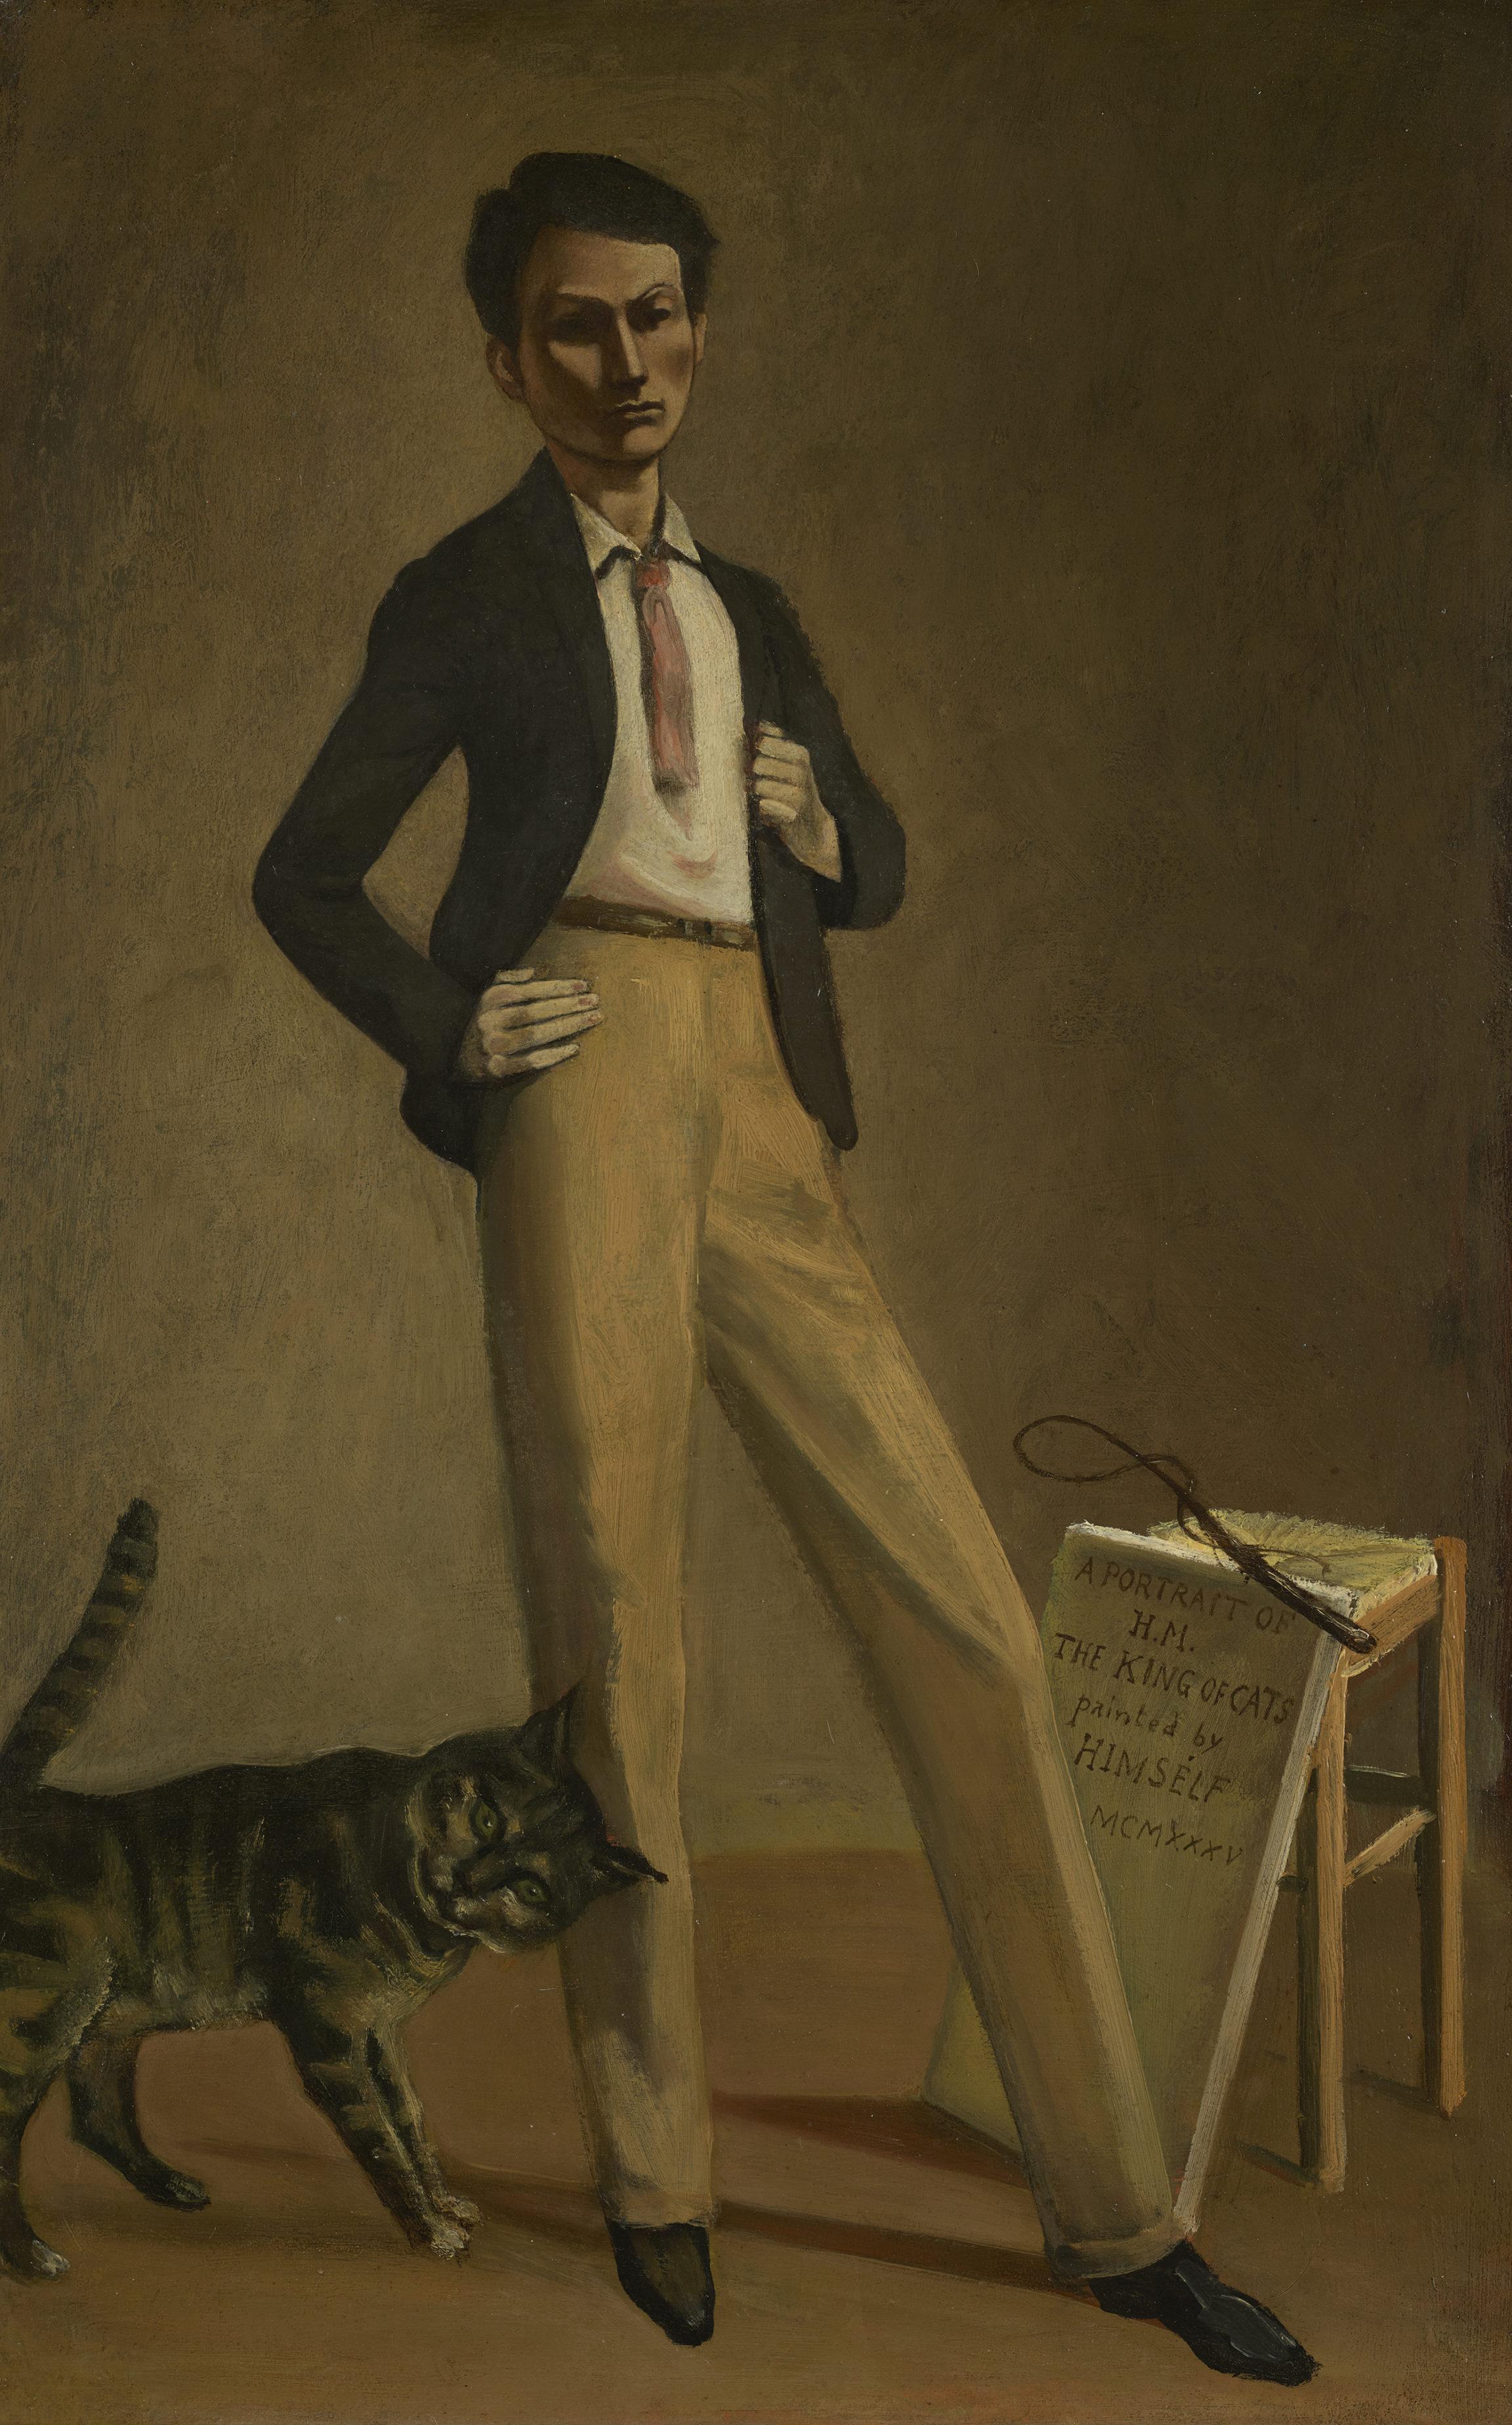 Balthus (Balthazar Klossowski de Rola, dit), Le Roi des chats, 1935